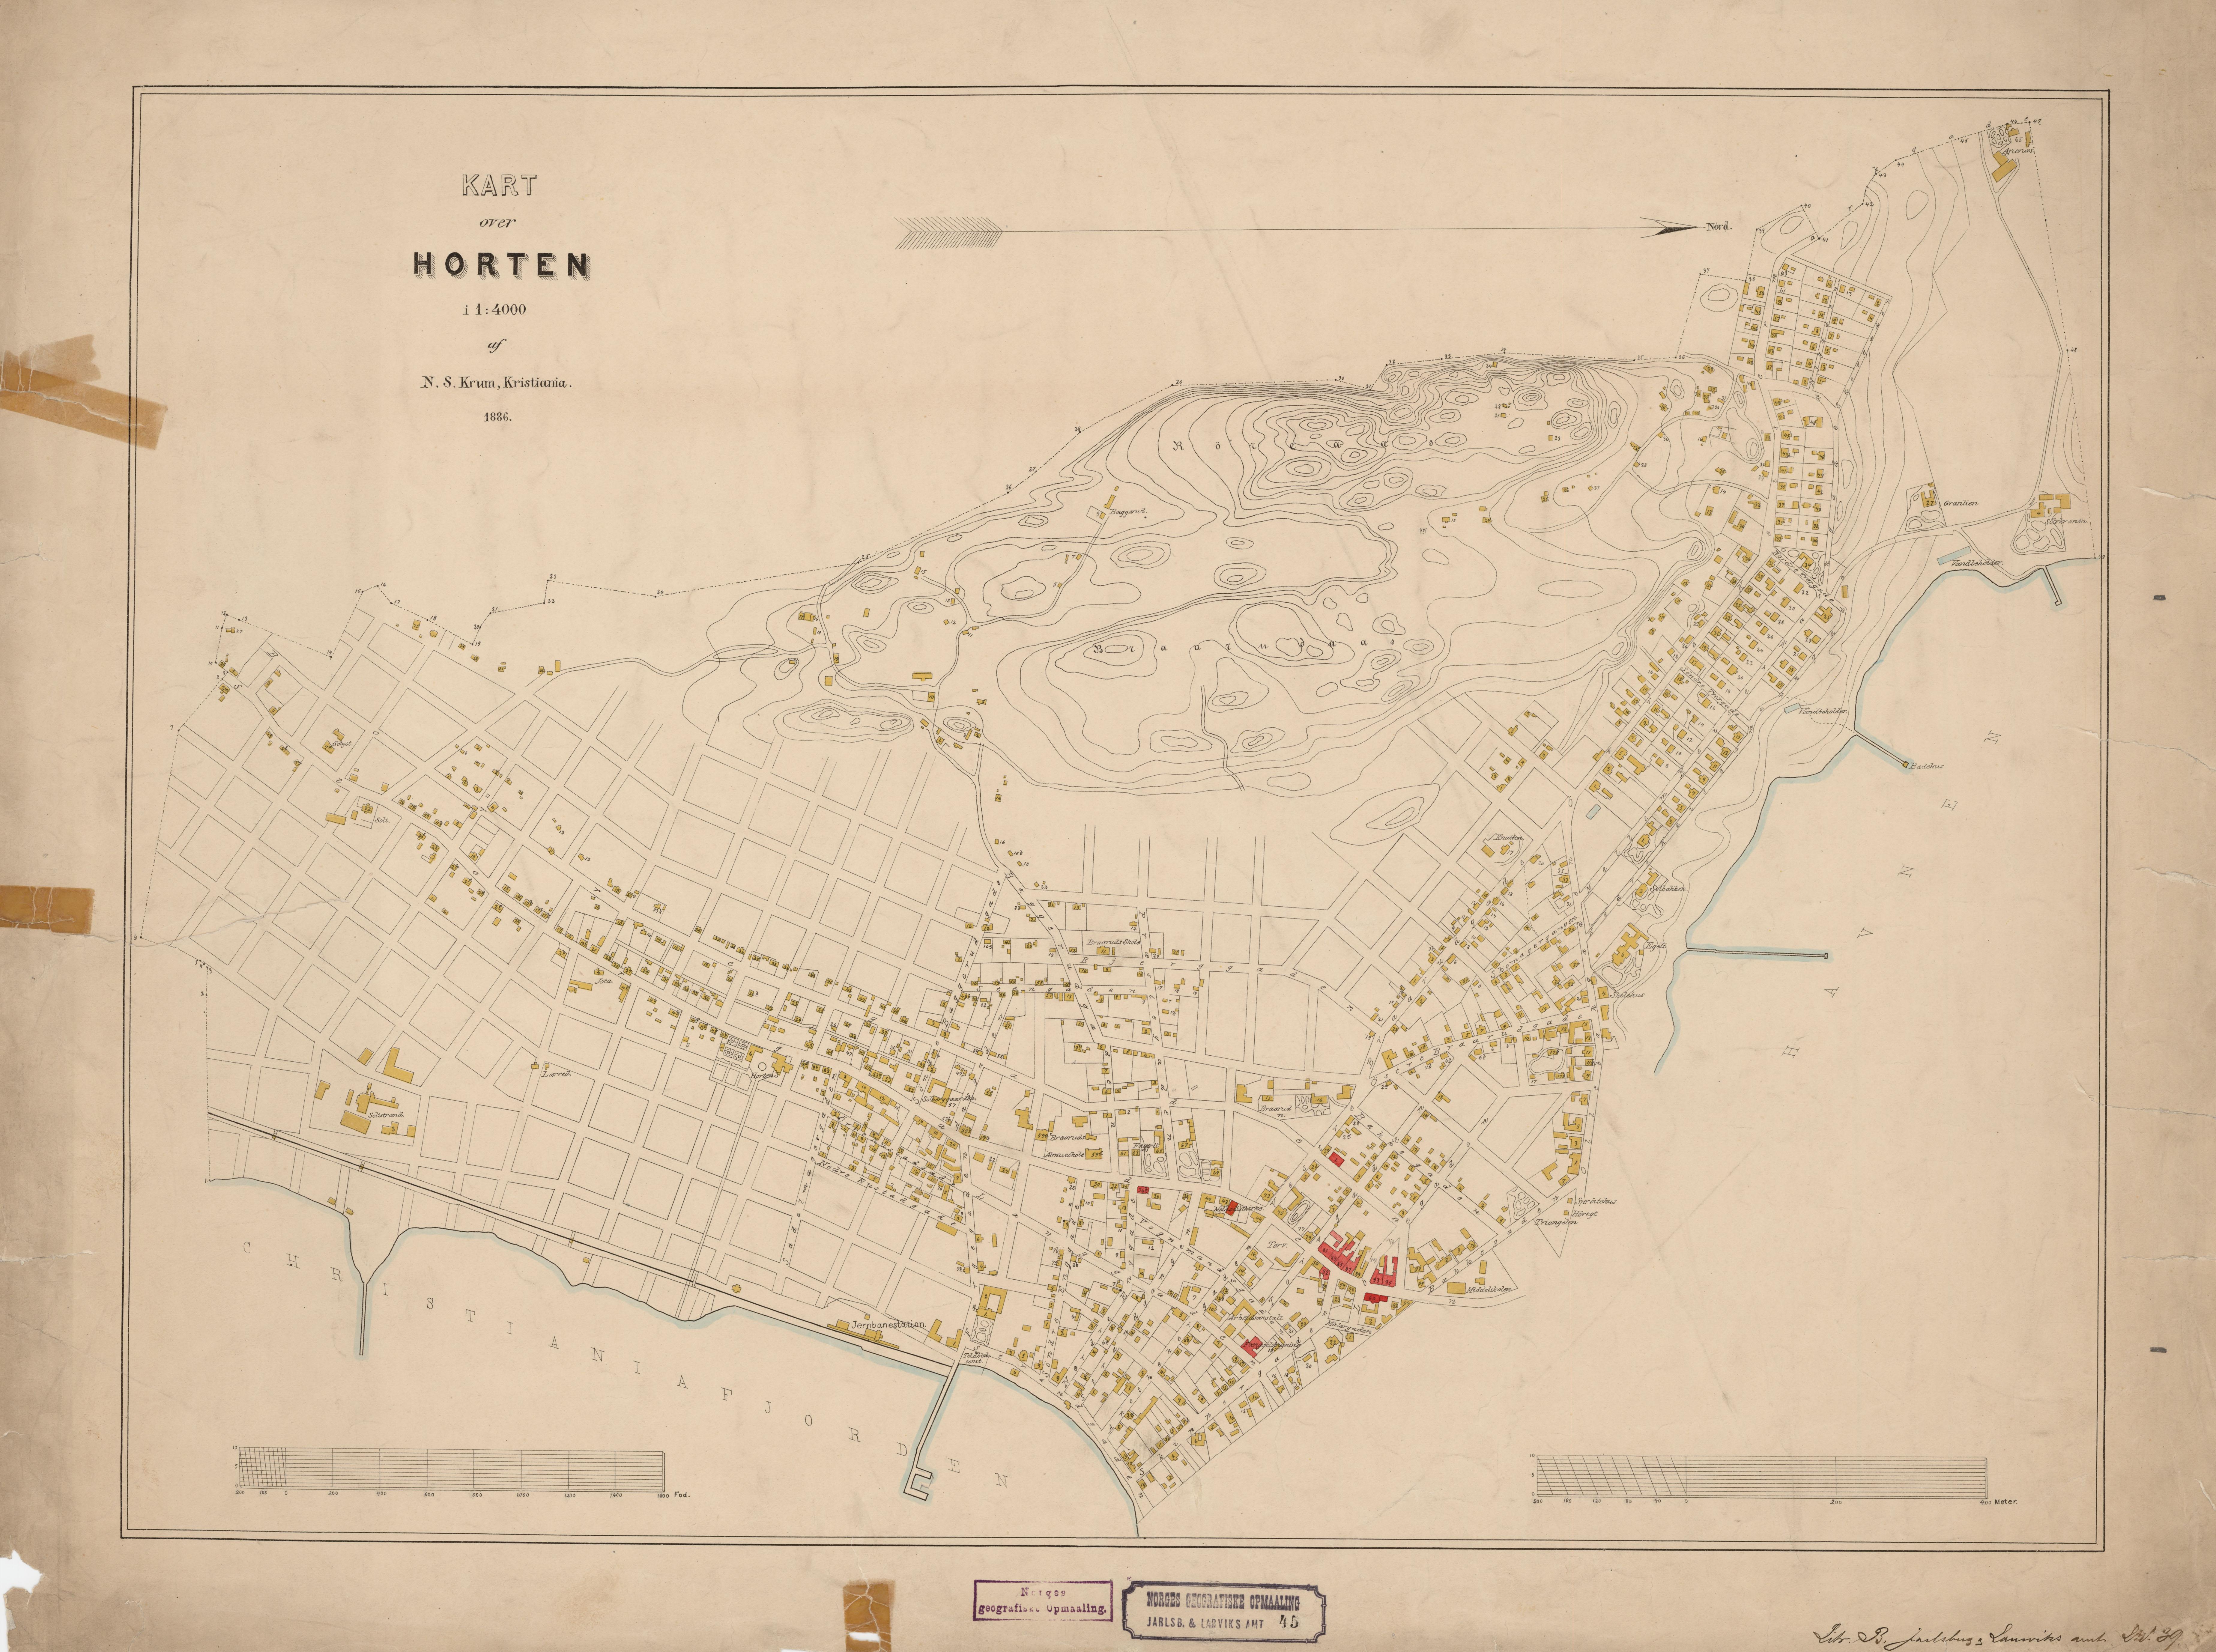 horten kart File:Jarlsberg og Larviks amt nr 45  Kart over Horten, 1886.  horten kart